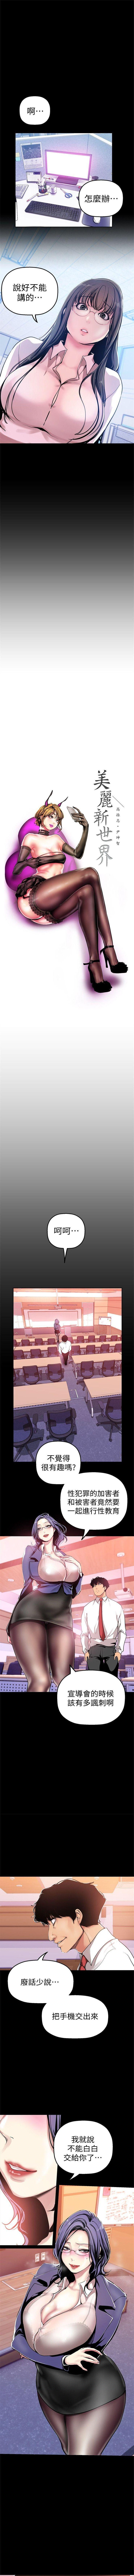 (週1)美麗新世界 1-70 中文翻譯 (更新中) 257